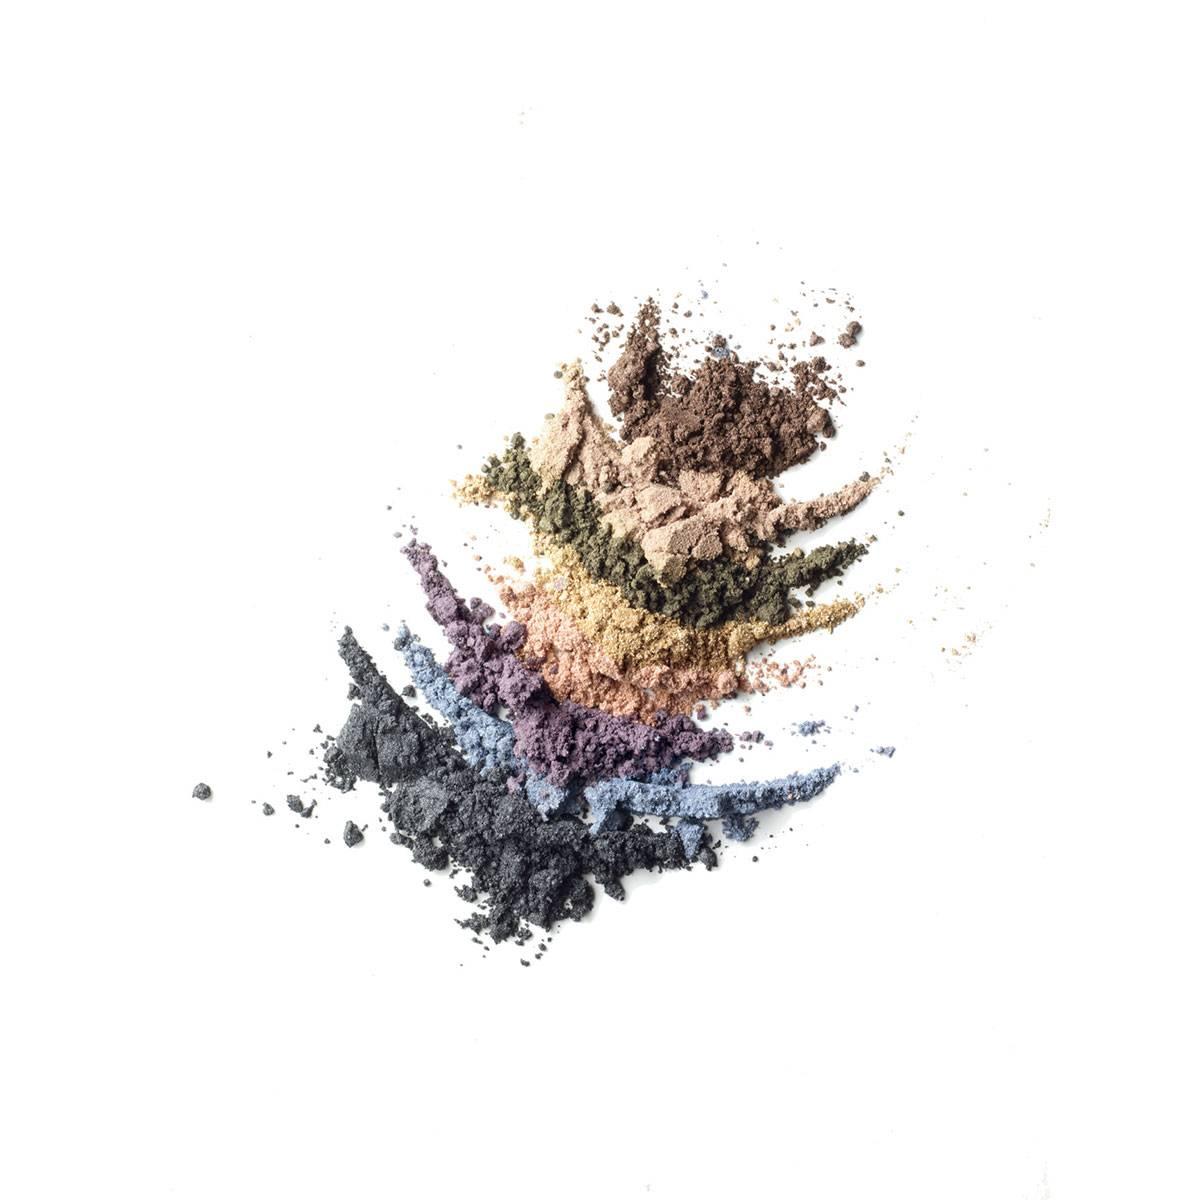 La Roche Posay Sensitiv Toleriane Makeup ØJE_SKYGGE Tekstur